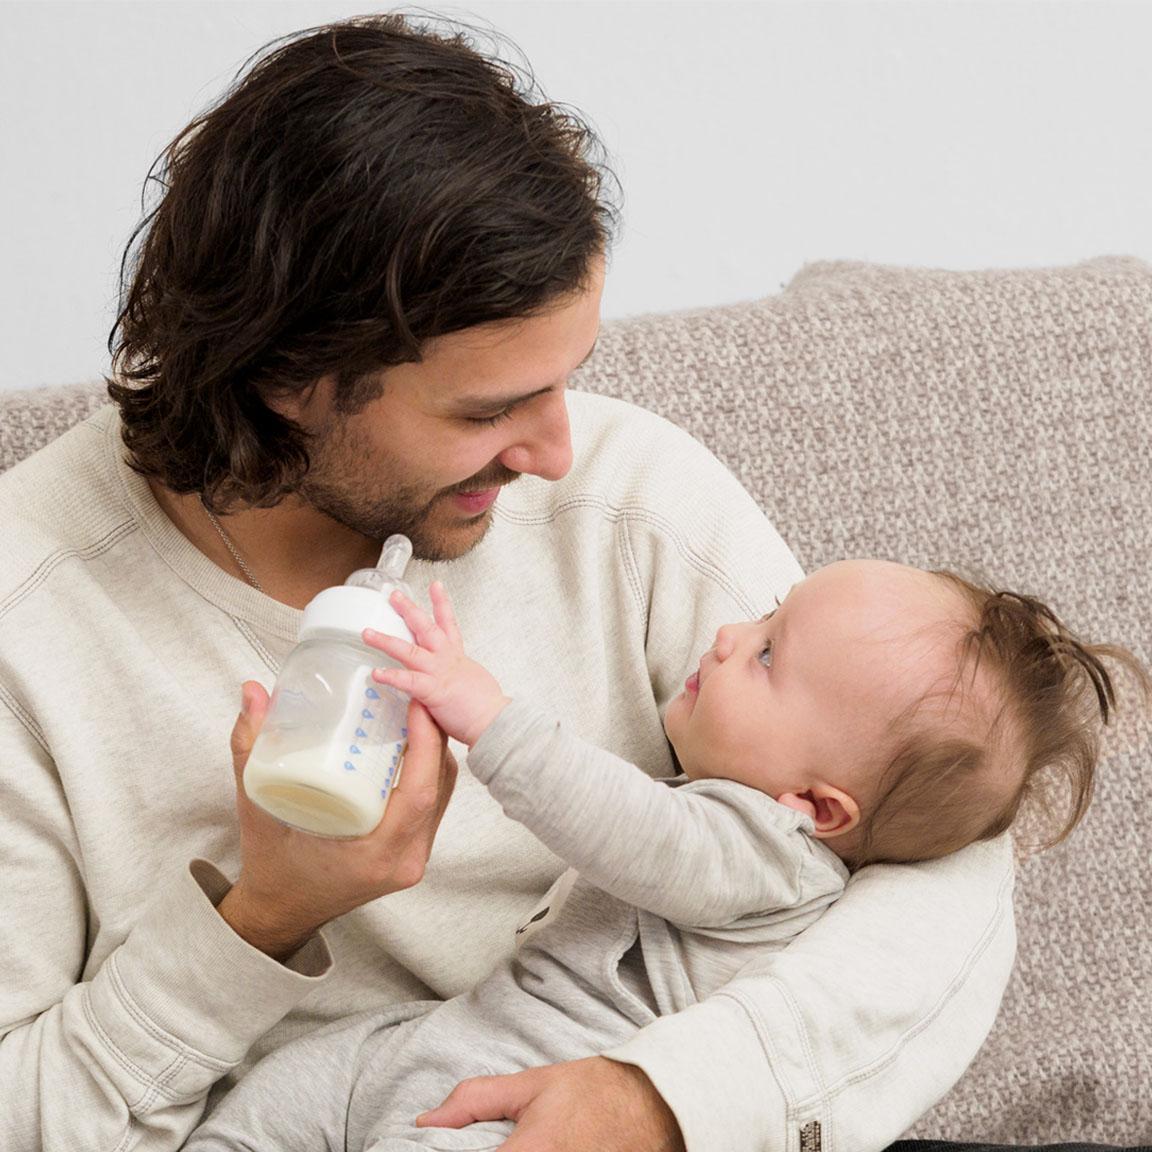 Mann som mater et barn